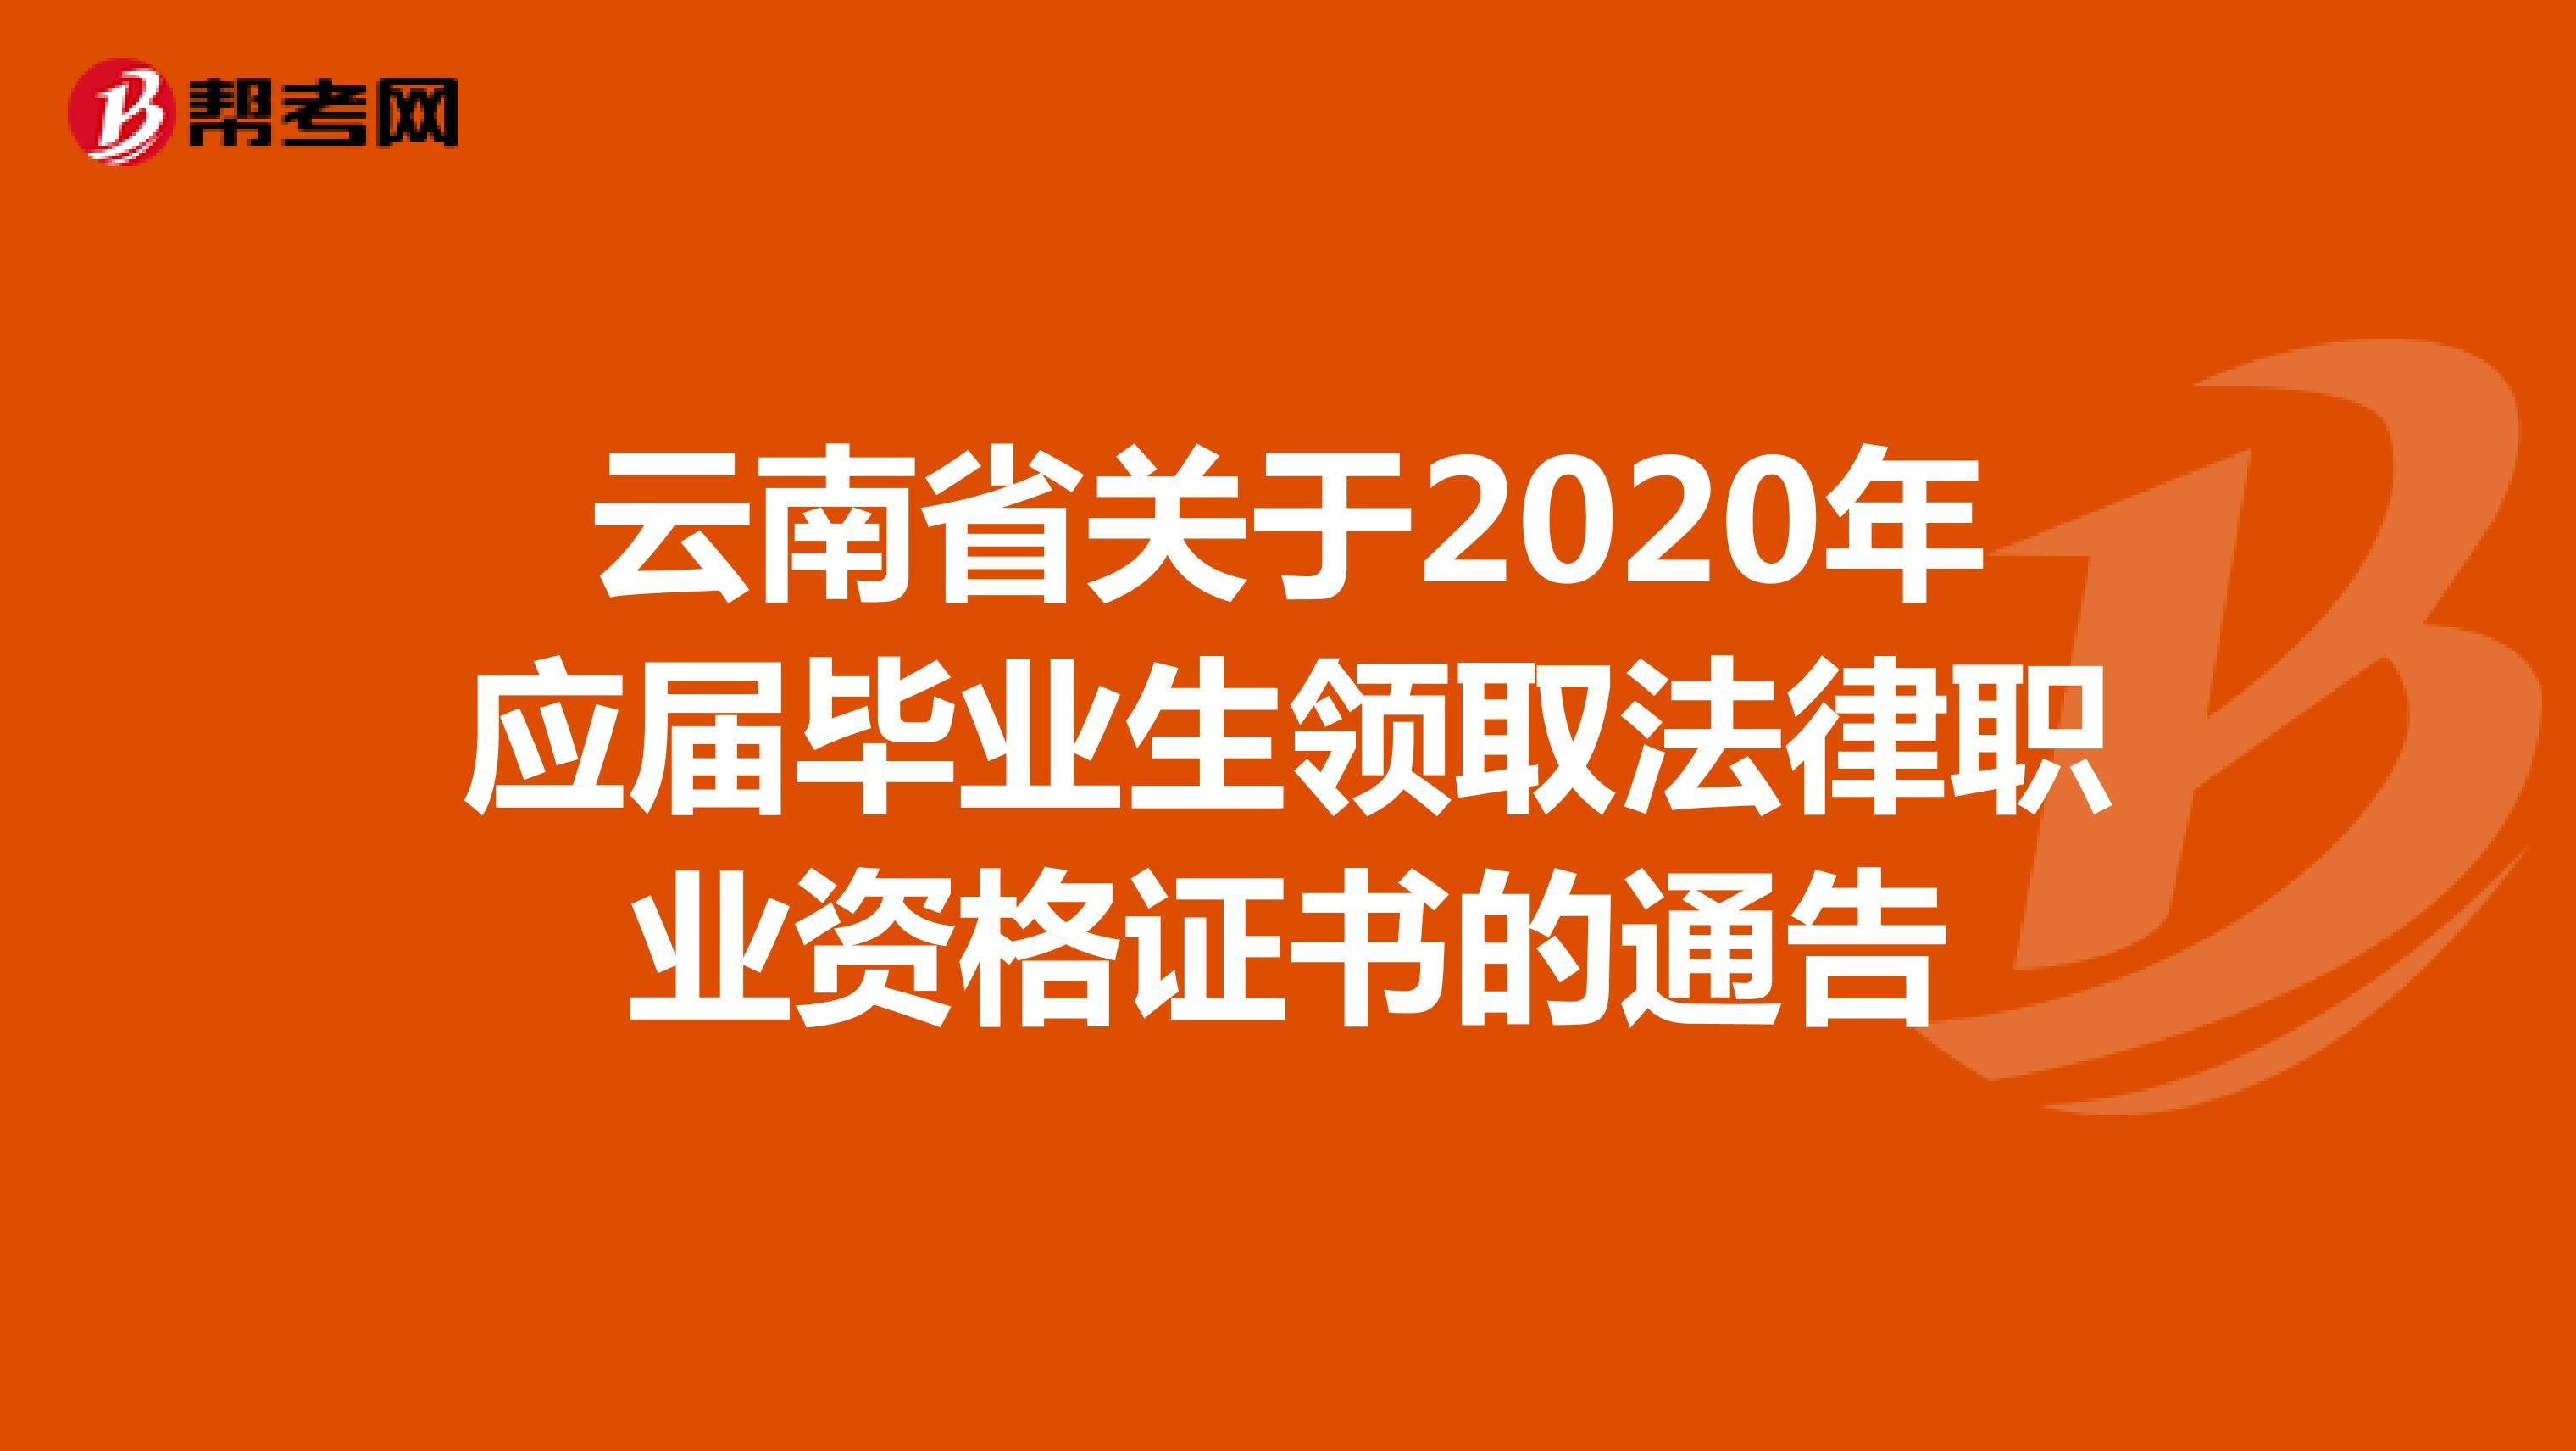 云南省关于2020年应届毕业生领取法律职业资格证书的通告